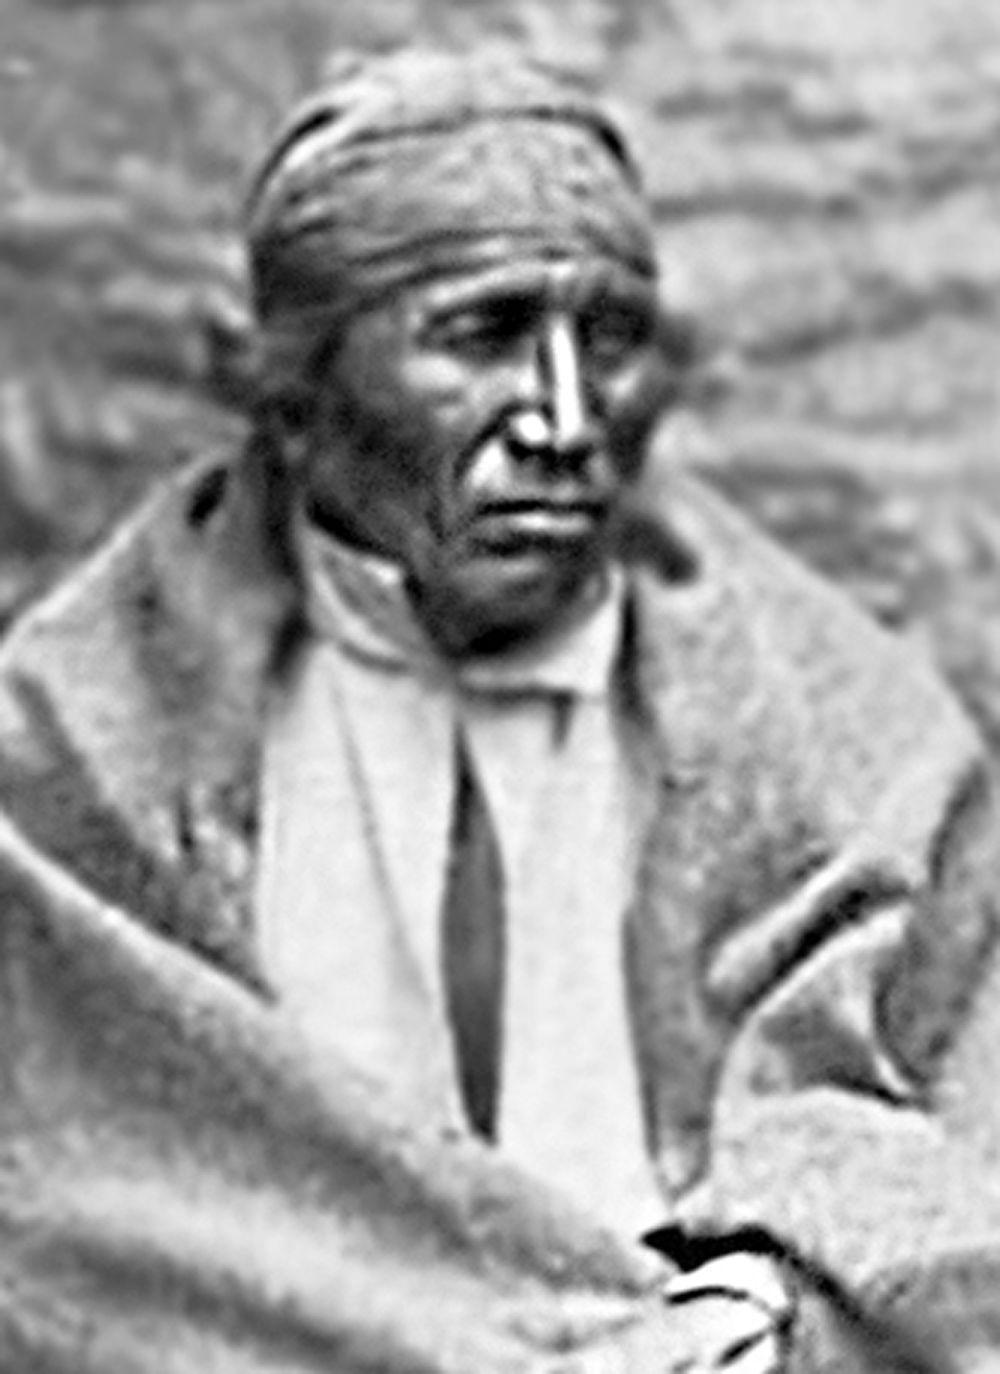 Chief Shakopee